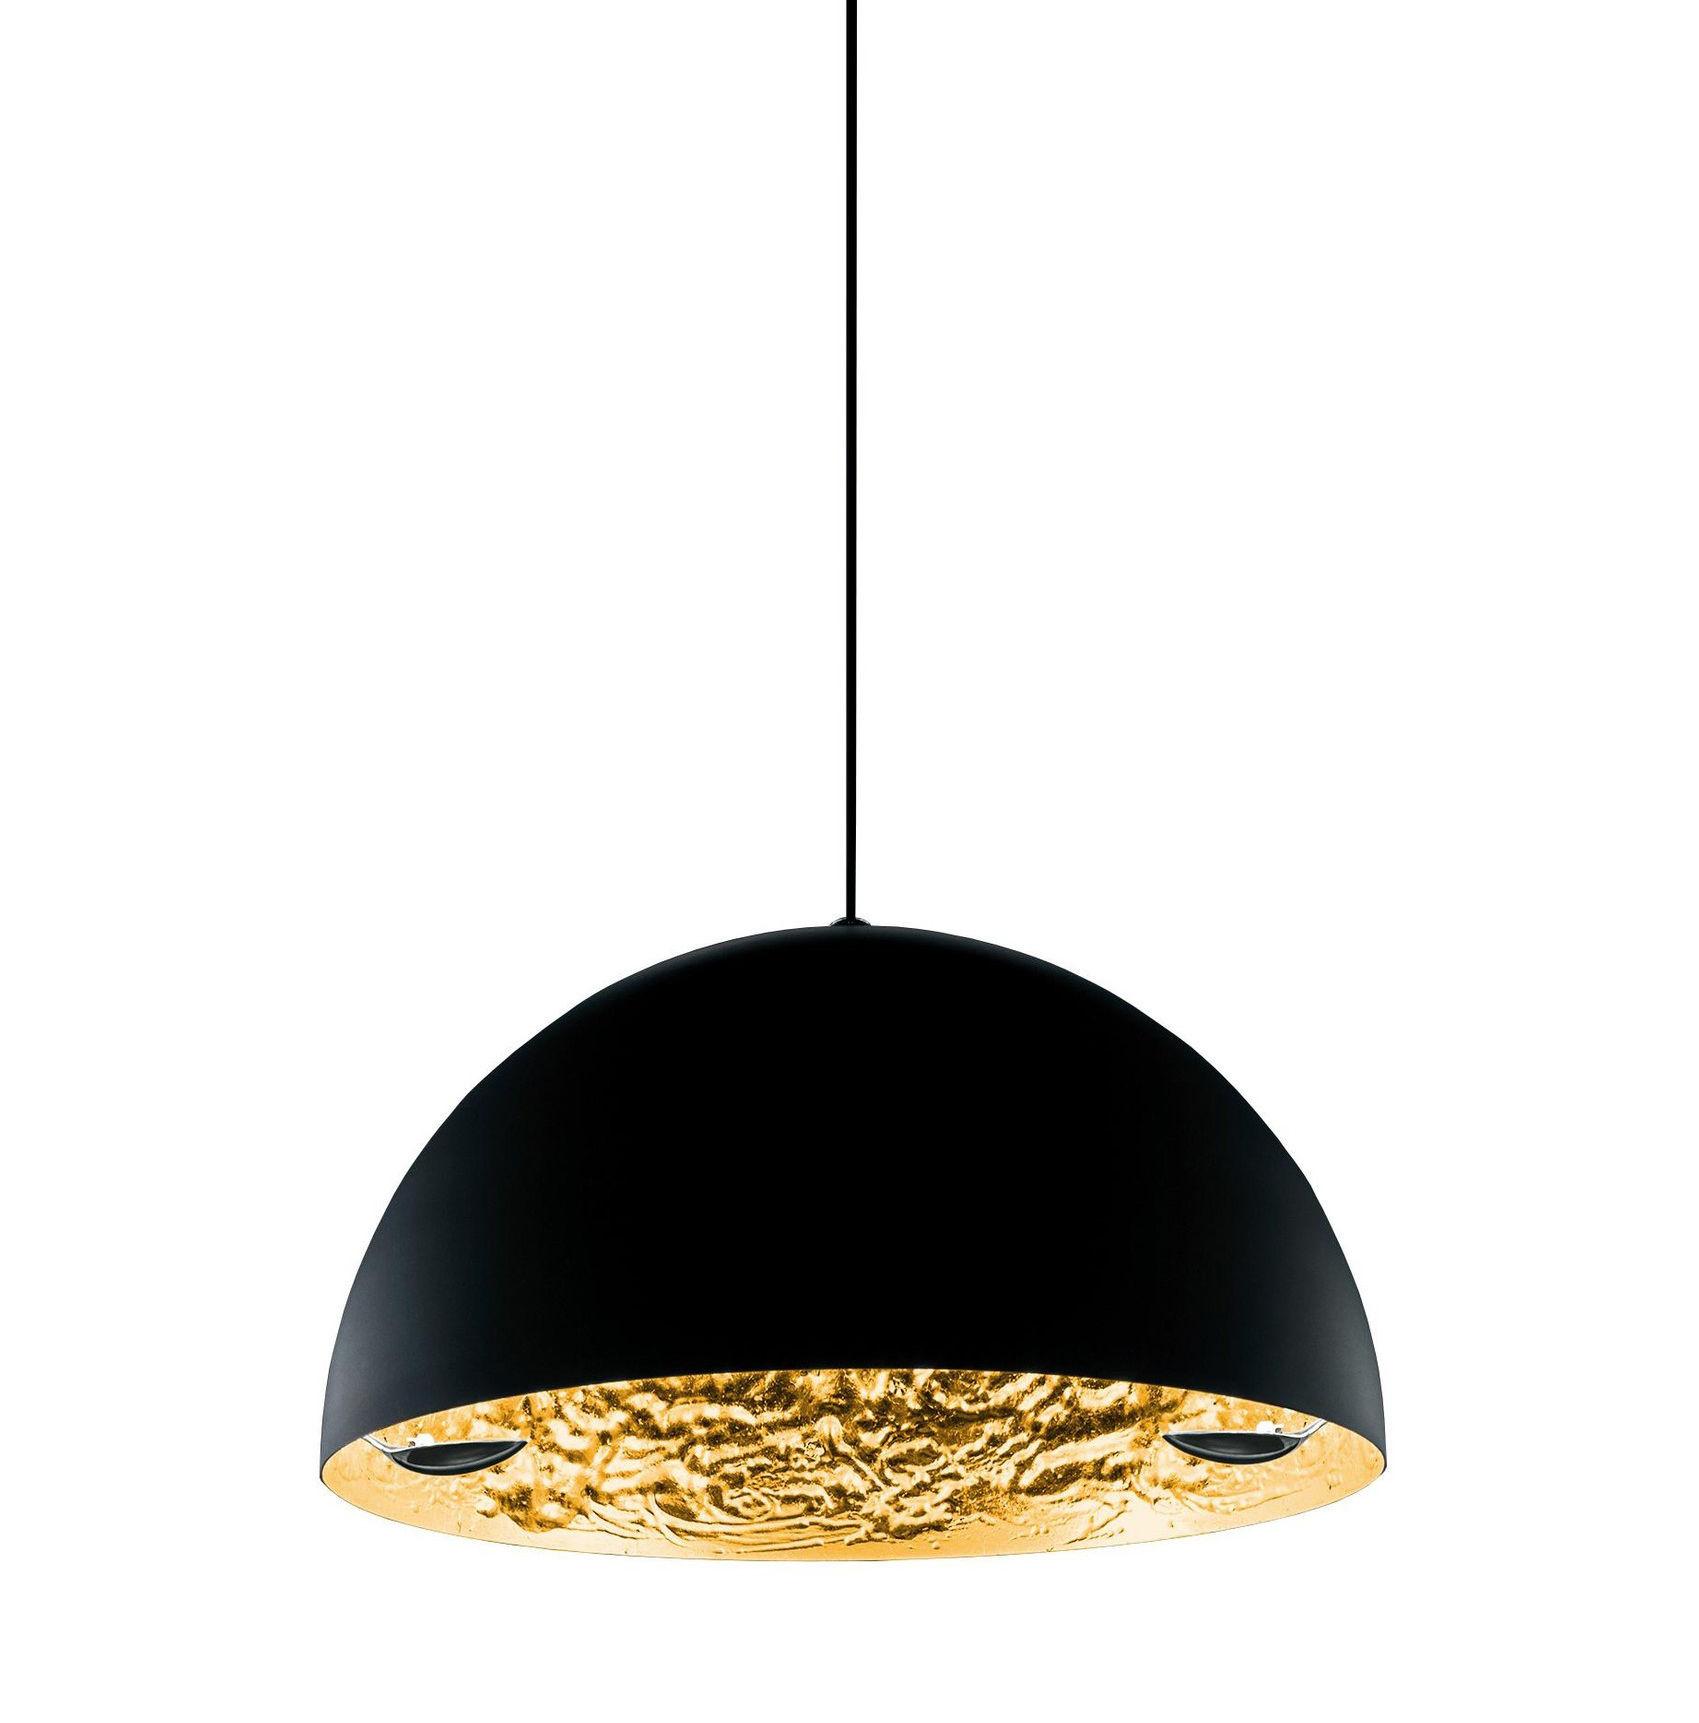 Illuminazione - Lampadari - Sospensione Stchu-moon 02 - Ø 60 cm di Catellani & Smith - Esterno nero / Interno oro - Alluminio, Foglio dorato, Schiuma di poliuretano